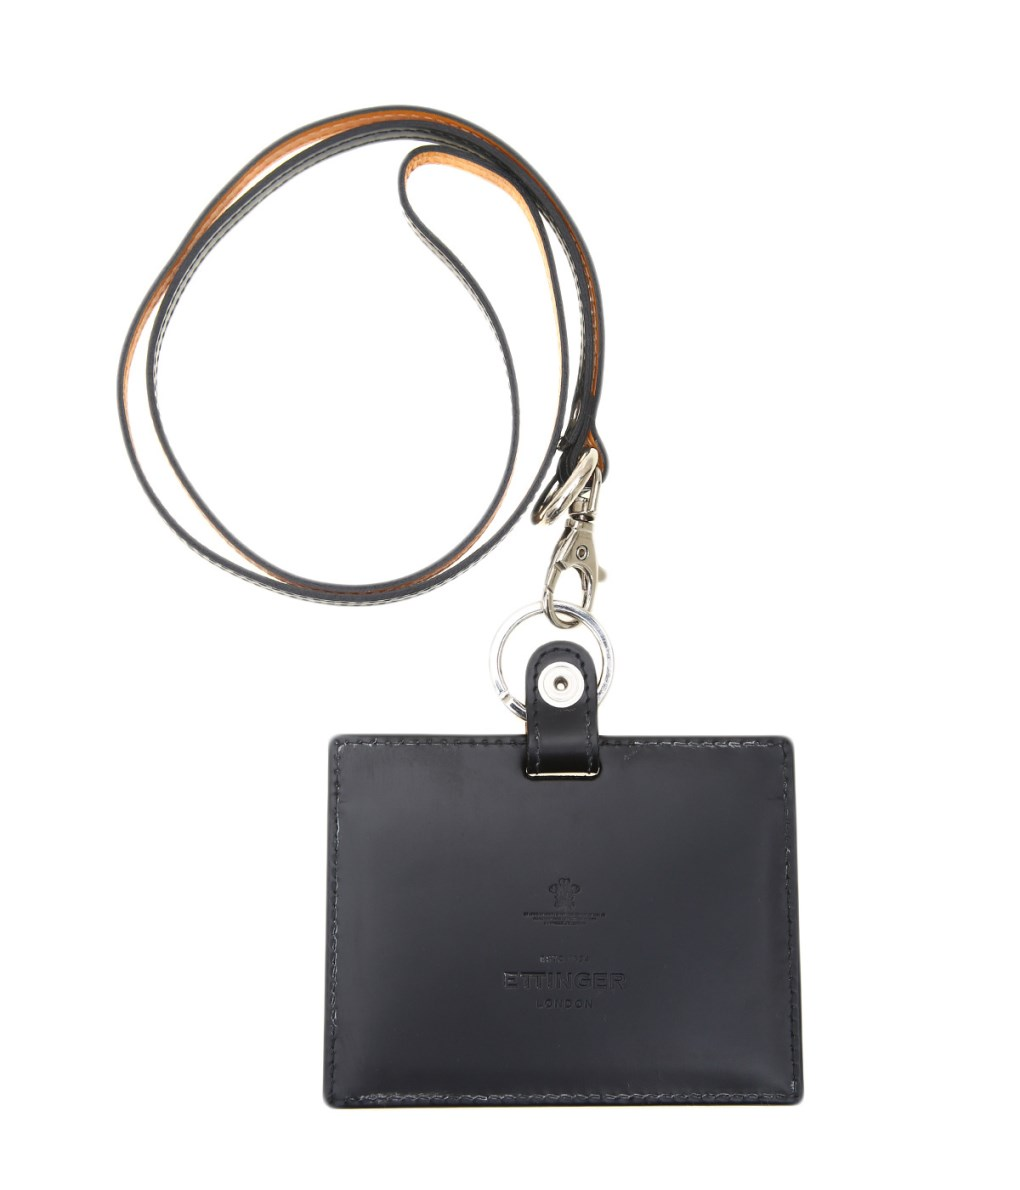 ETTINGER / エッティンガー : ID Card Case (Bridle+Panel) / 全2色 : エッティンガー レザー 本革 IDケース カードケース 定番 : BH849JR 【MUS】